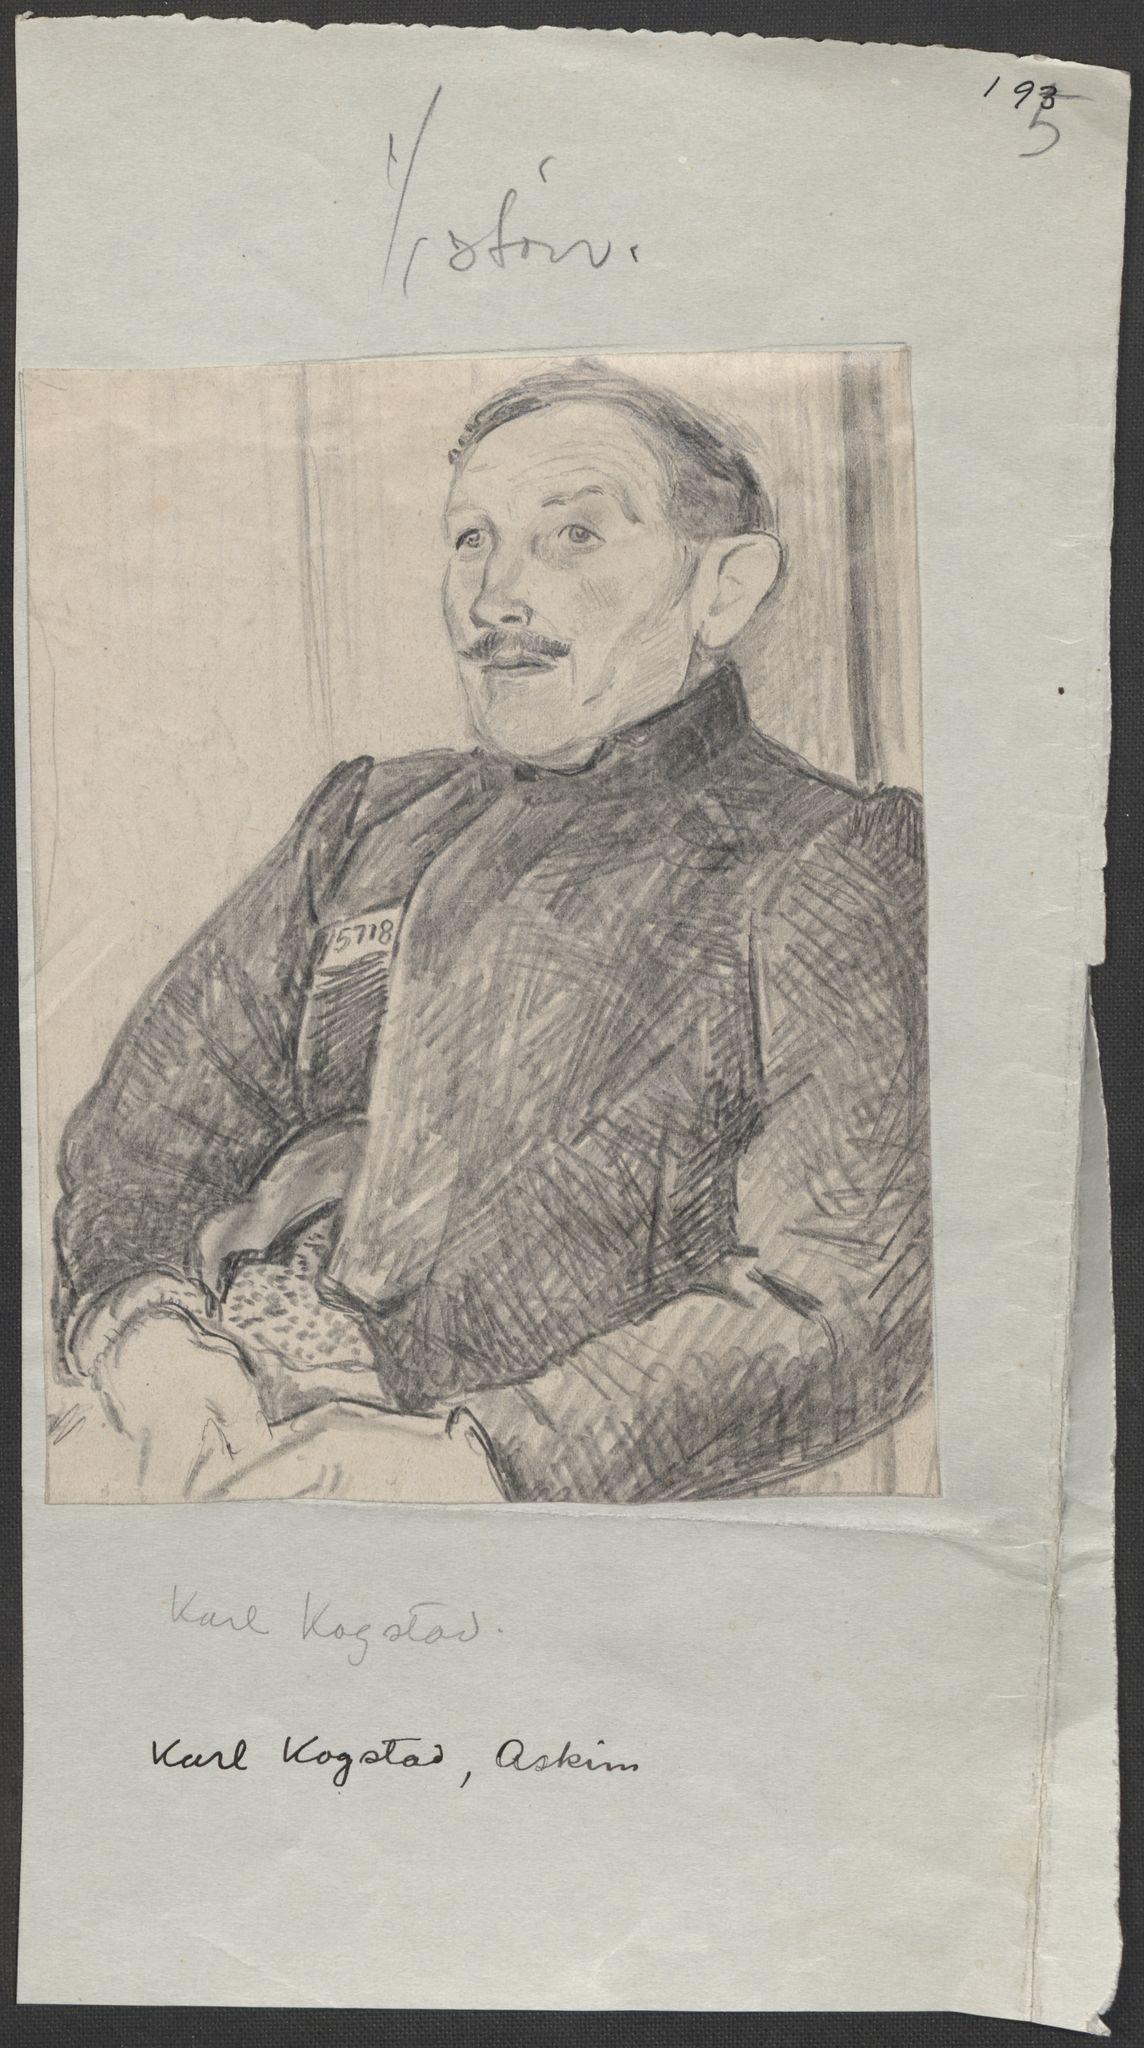 RA, Grøgaard, Joachim, F/L0002: Tegninger og tekster, 1942-1945, p. 69